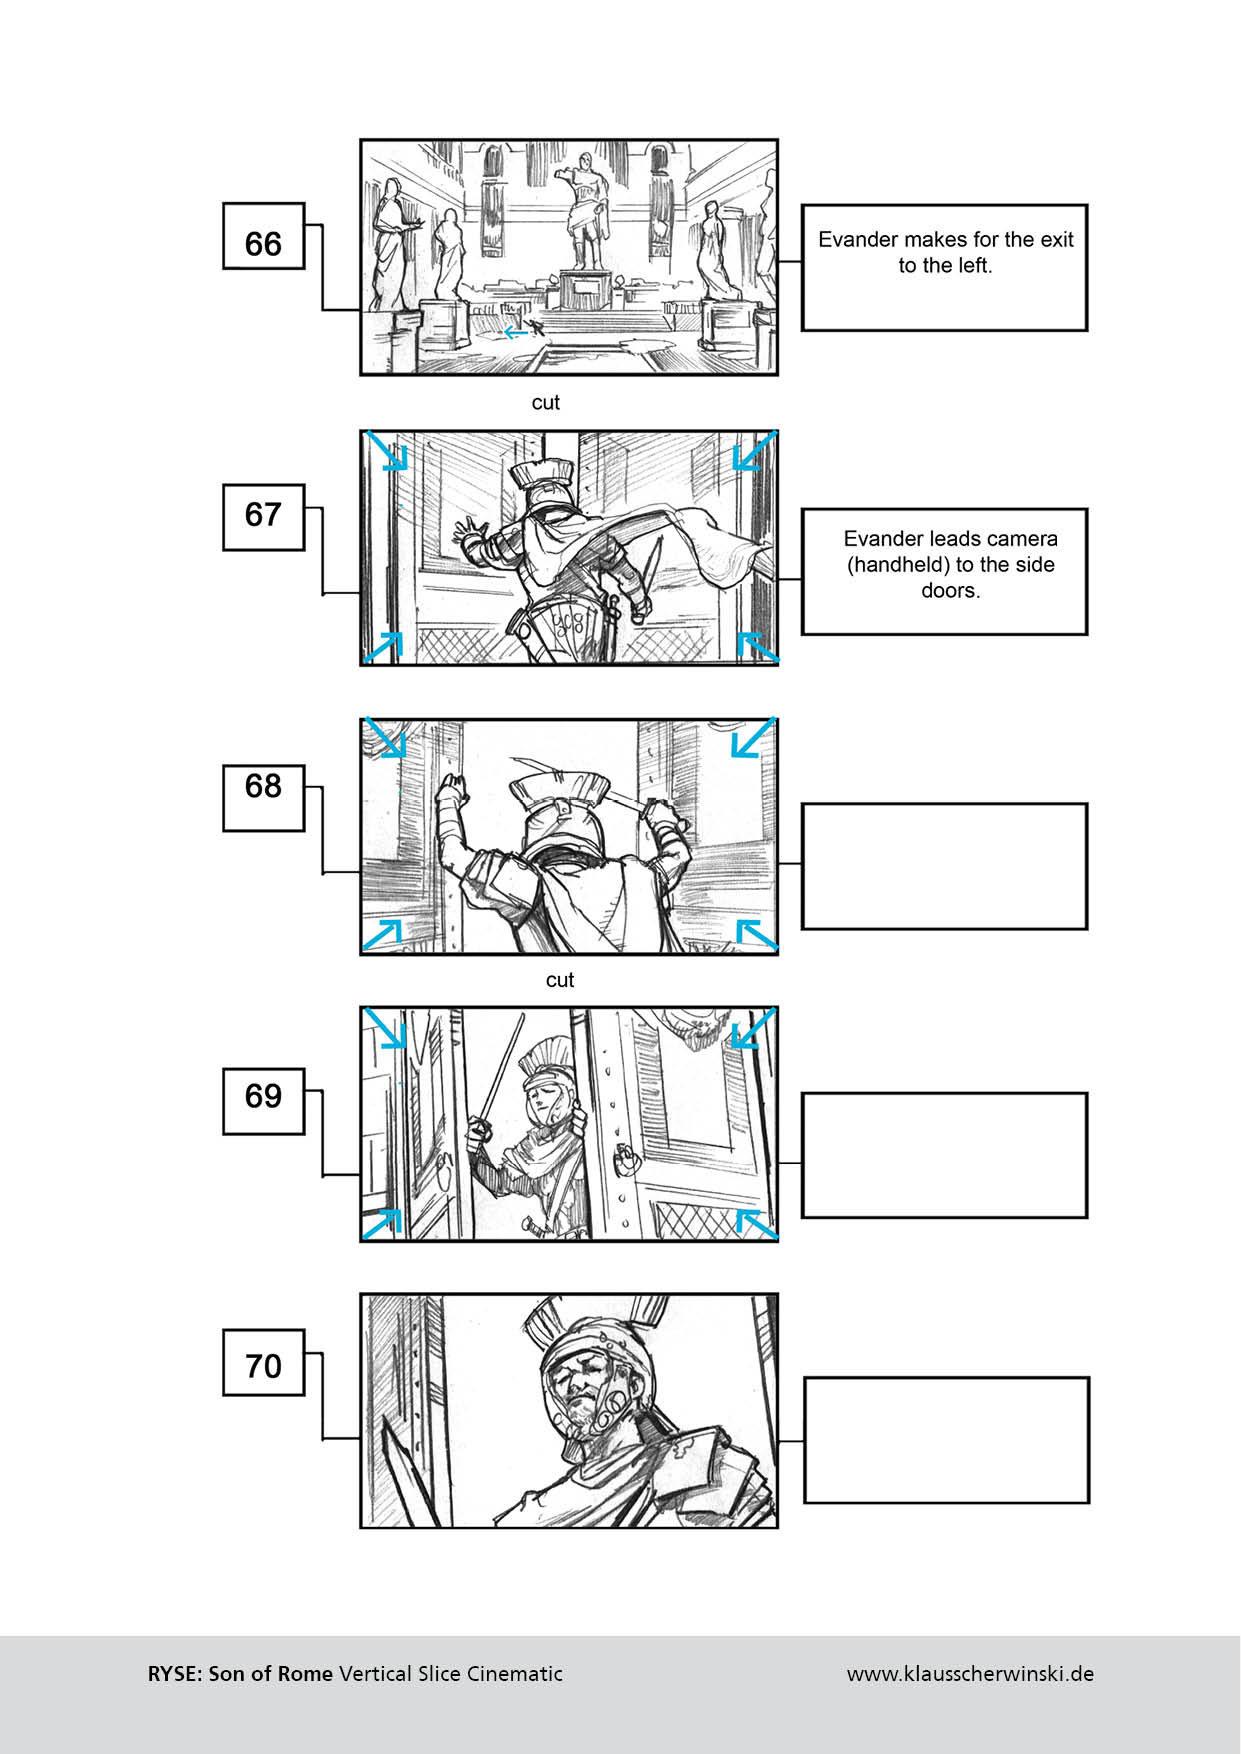 Klaus scherwinski ryse sb verticalslice 15